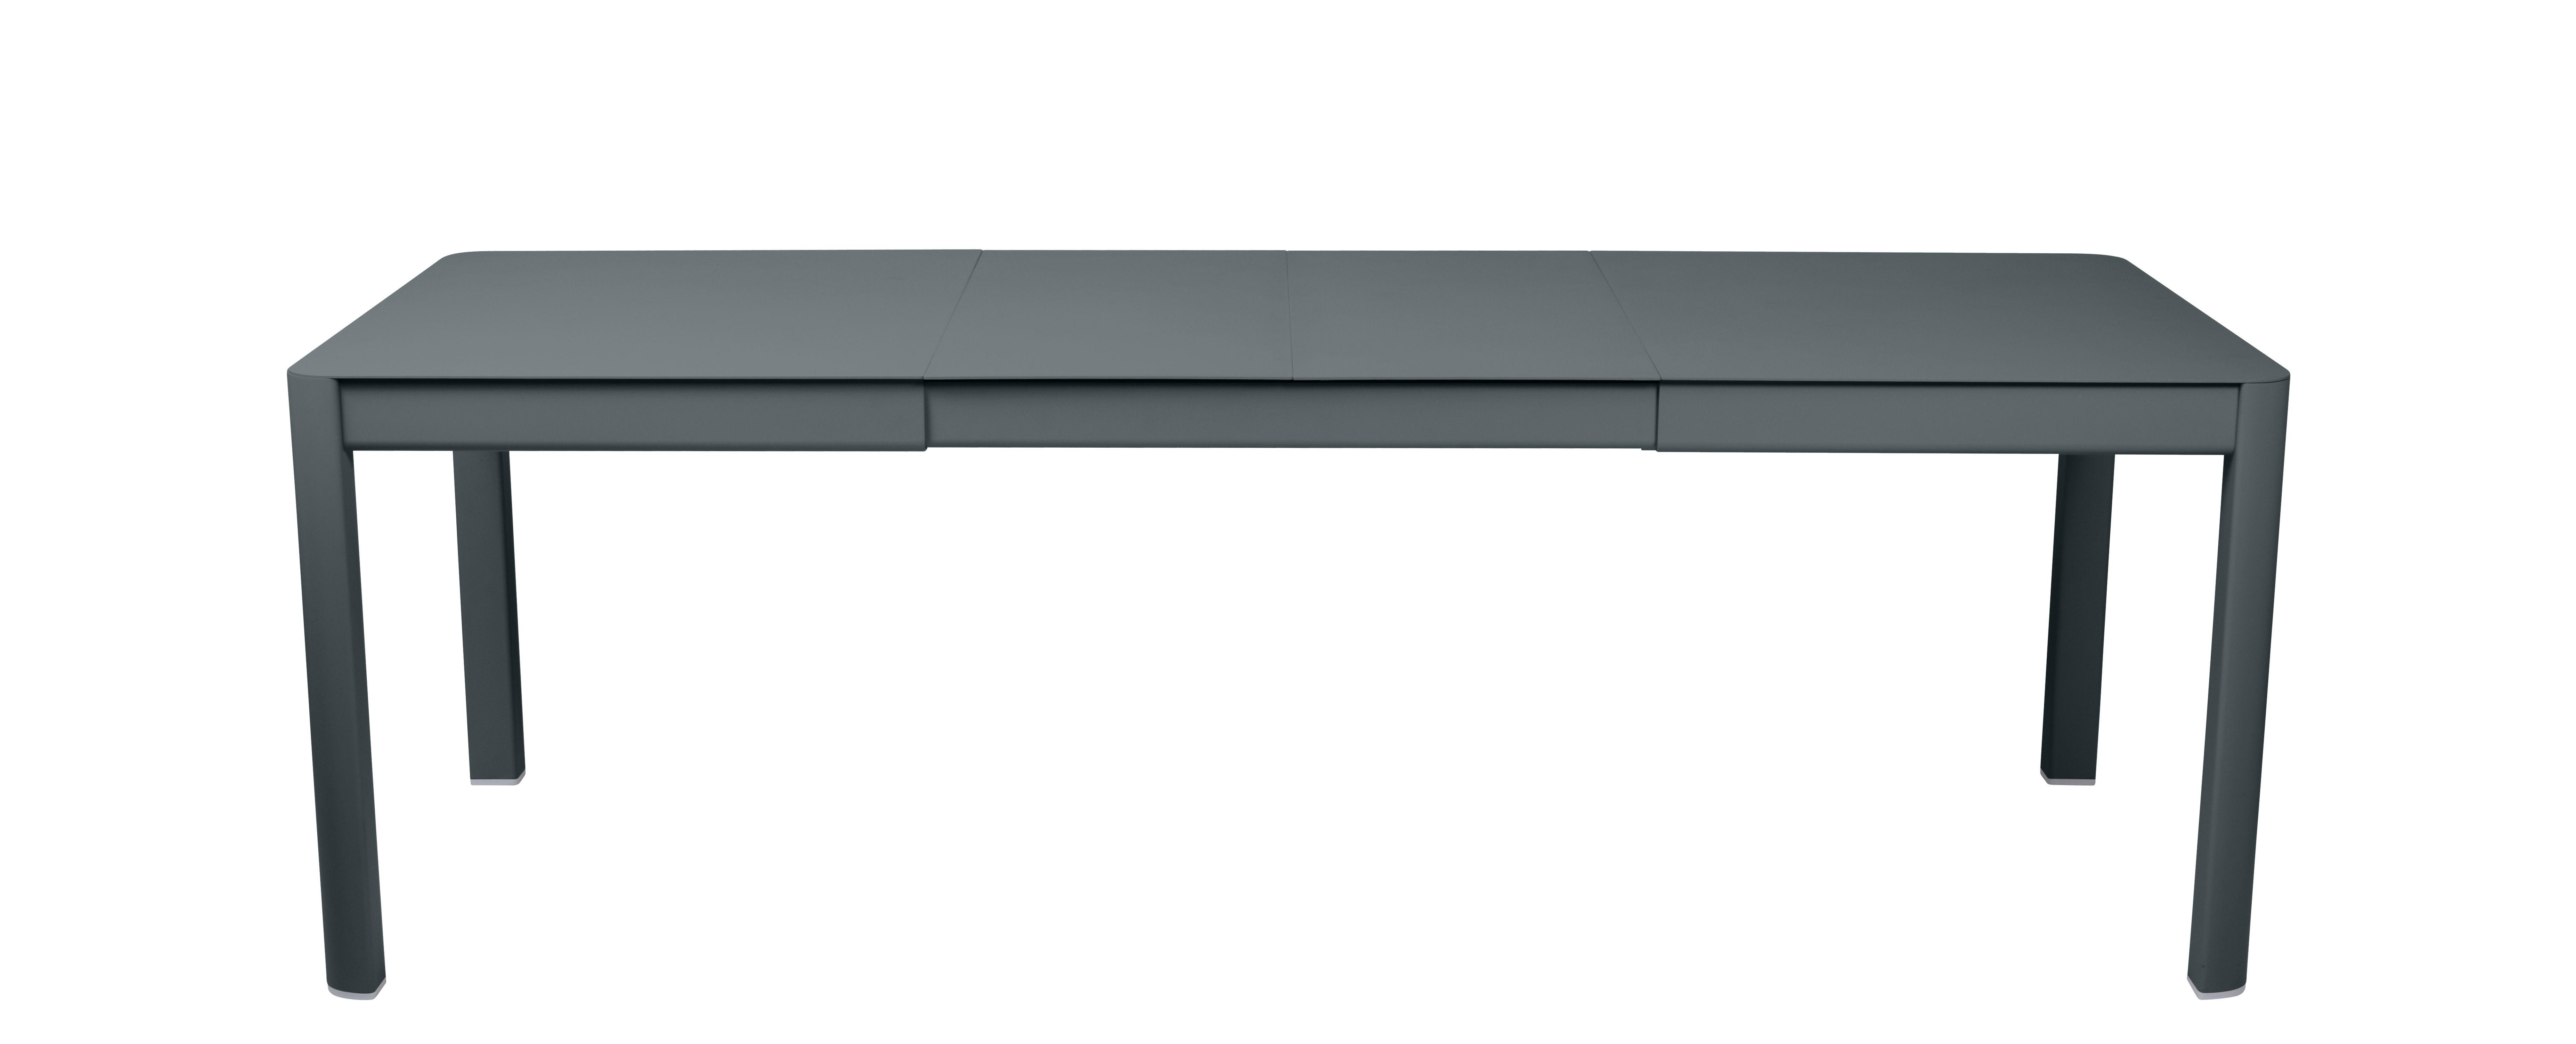 Outdoor - Tavoli  - Tavolo con prolunga Ribambelle Medium - / L 149 a 234 cm - 6 a 10 persone di Fermob - Grigio temporale - Alluminio